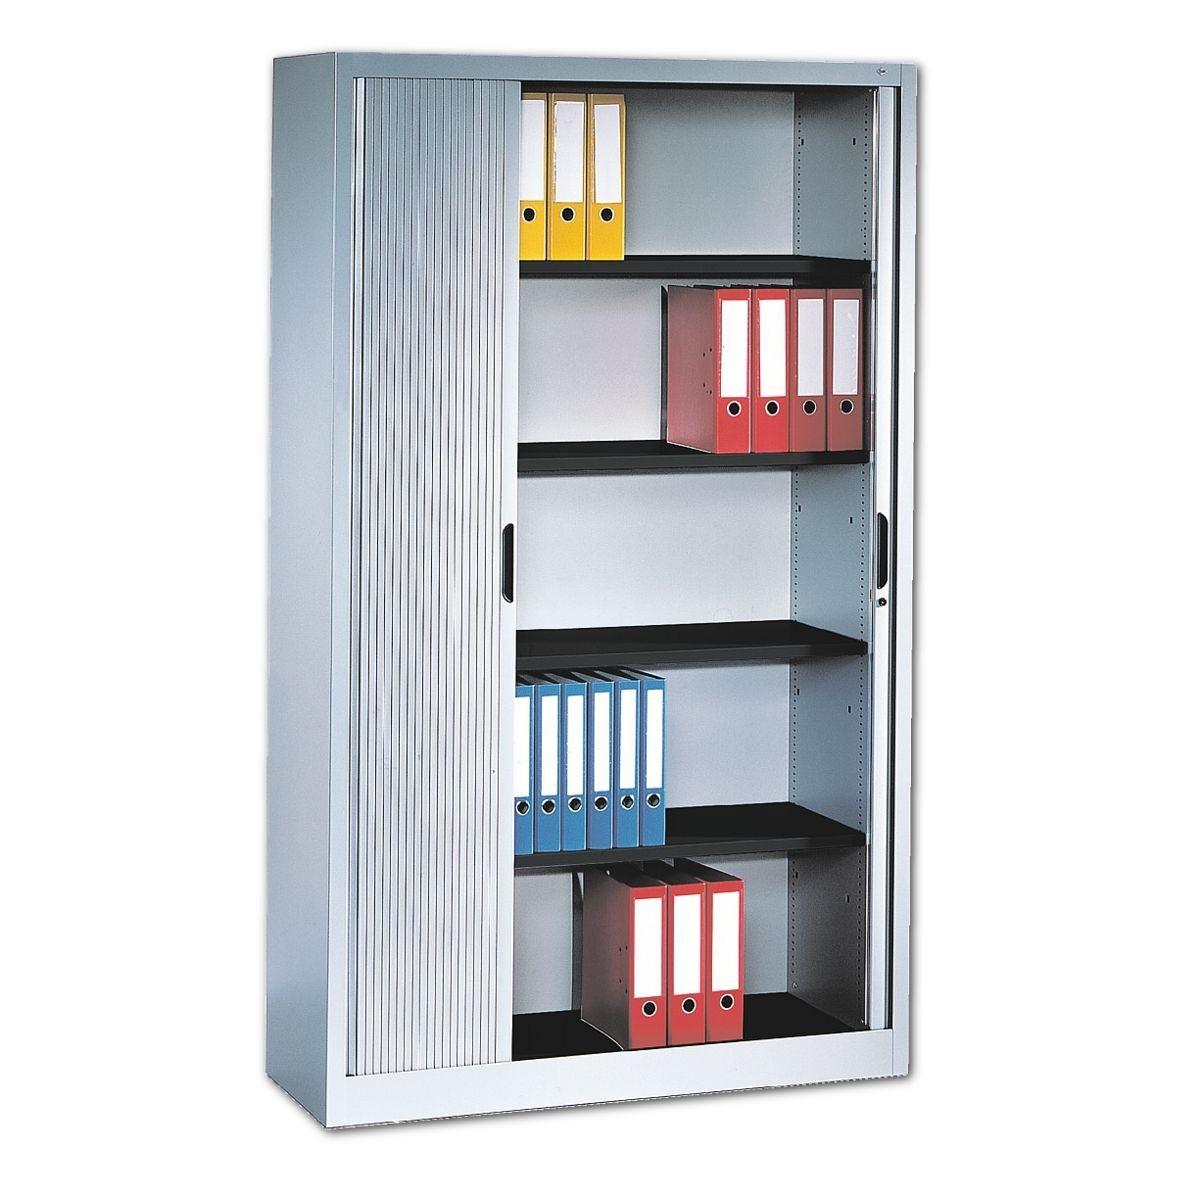 CP Stahlschrank mit Rollladen 120 x 198 cm »Omnispace«   Wohnzimmer > Schränke > Weitere Schränke   CP